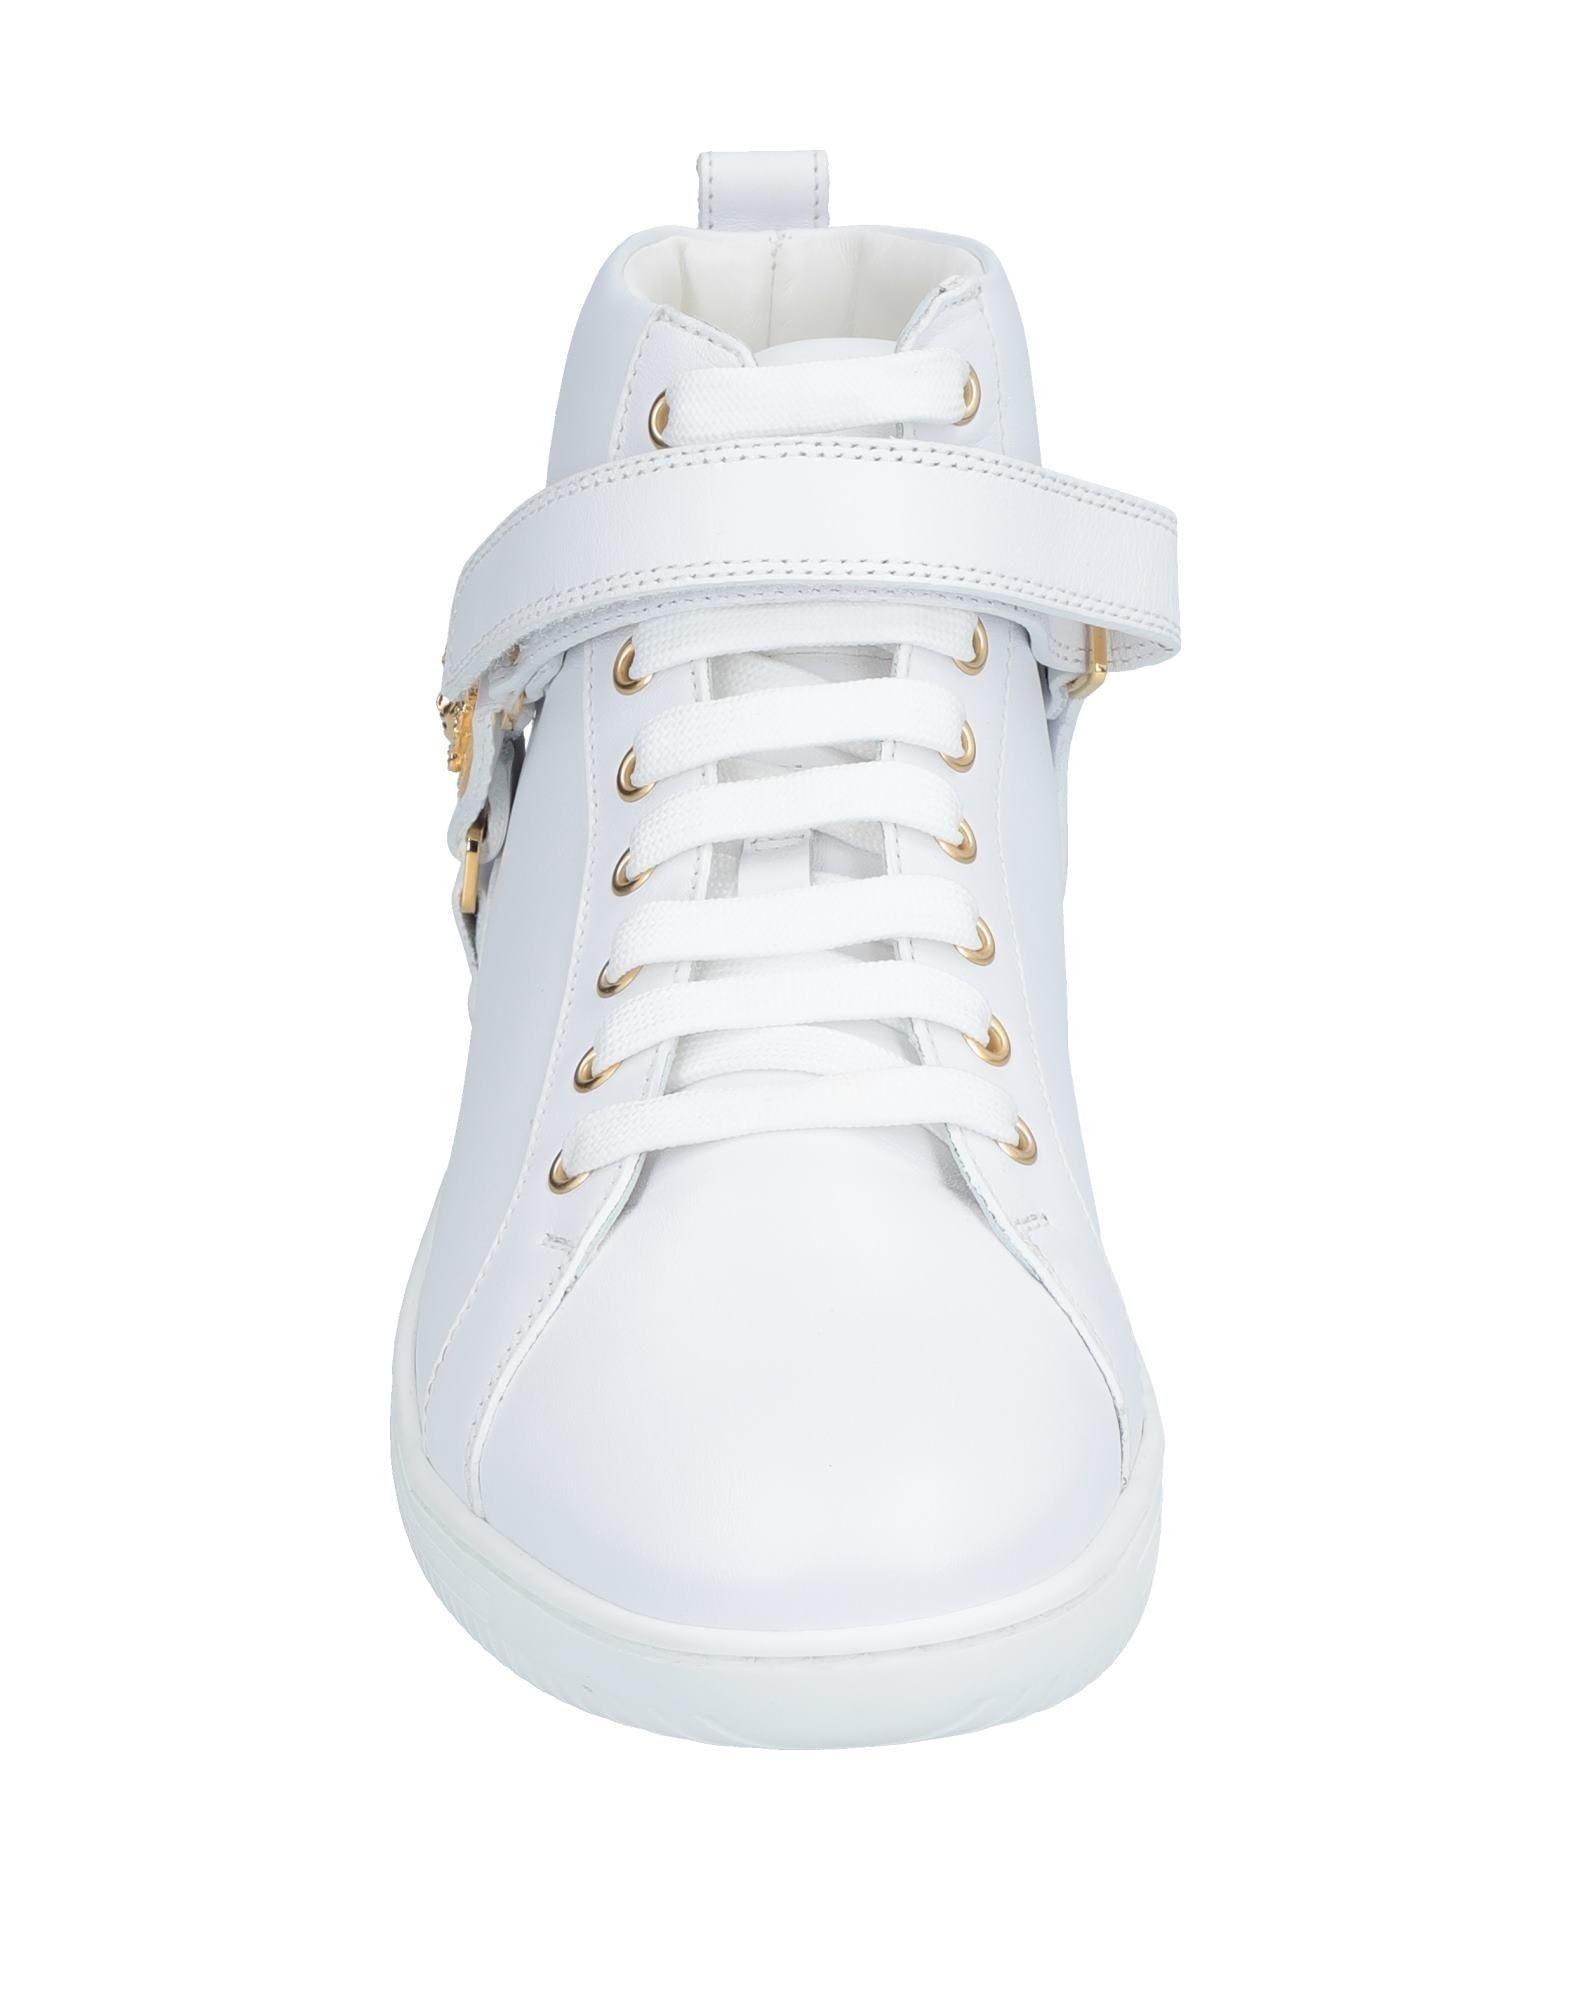 Versace Sneakers Herren beliebte  11528686HX Gute Qualität beliebte Herren Schuhe 3ad3b0